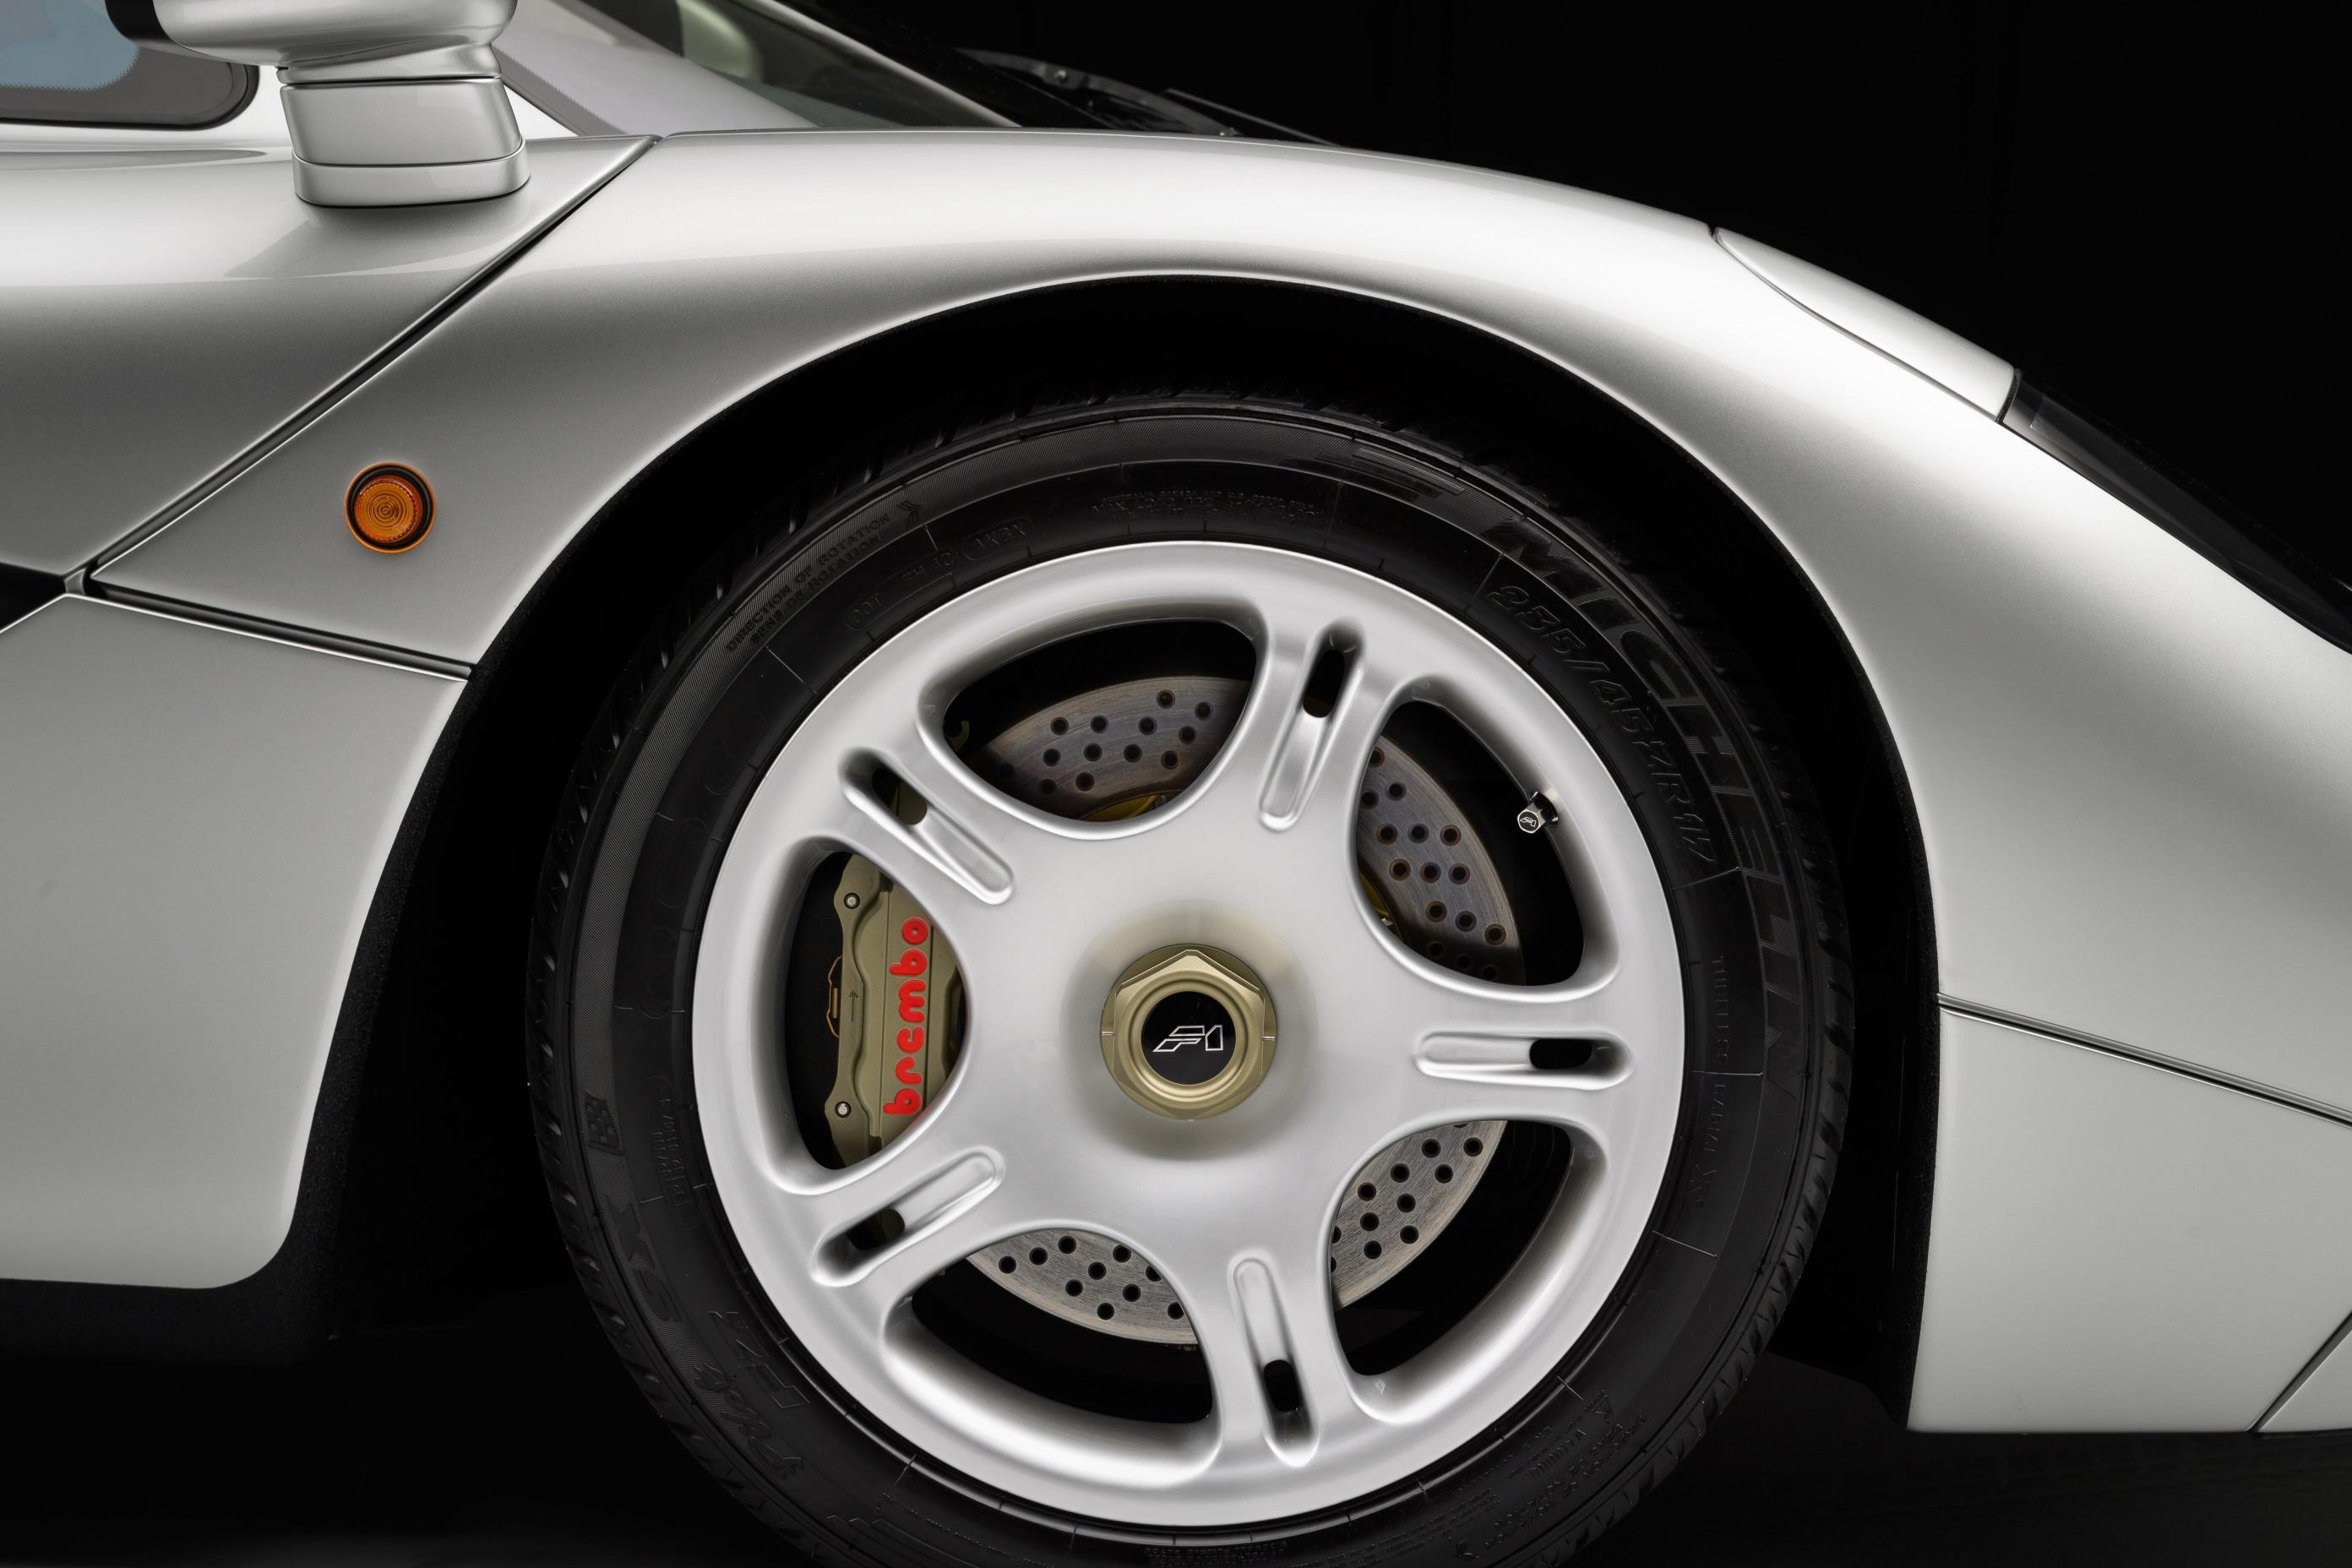 McLaren F1 Wheels